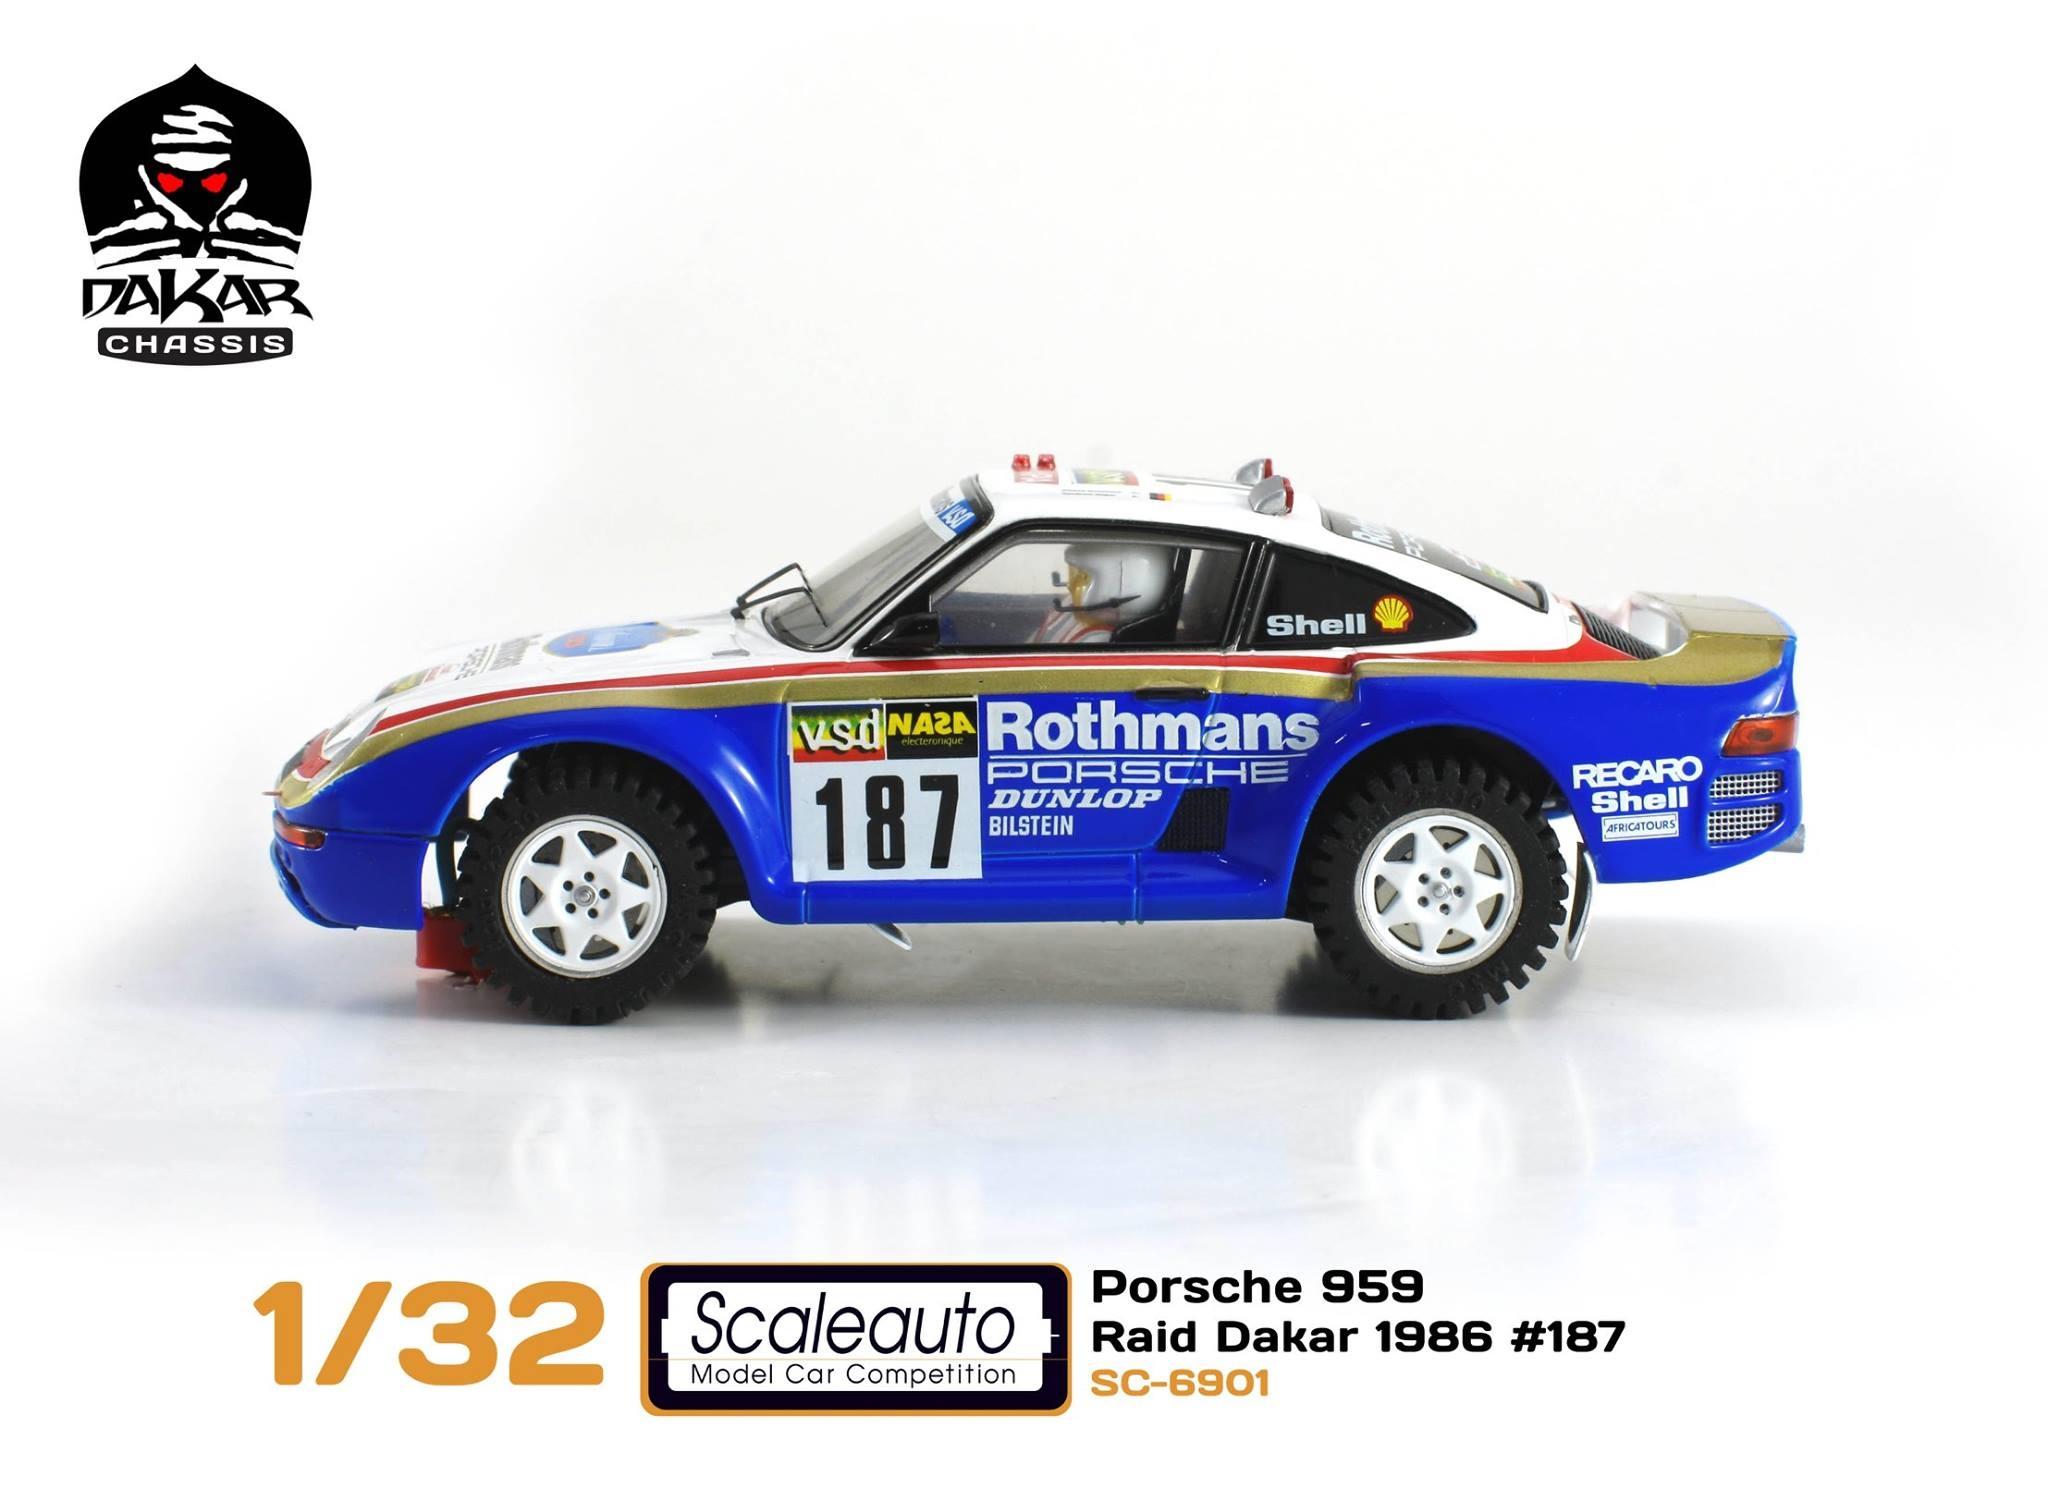 Porsche 959 SC-6091C Paris-Dakar 1986